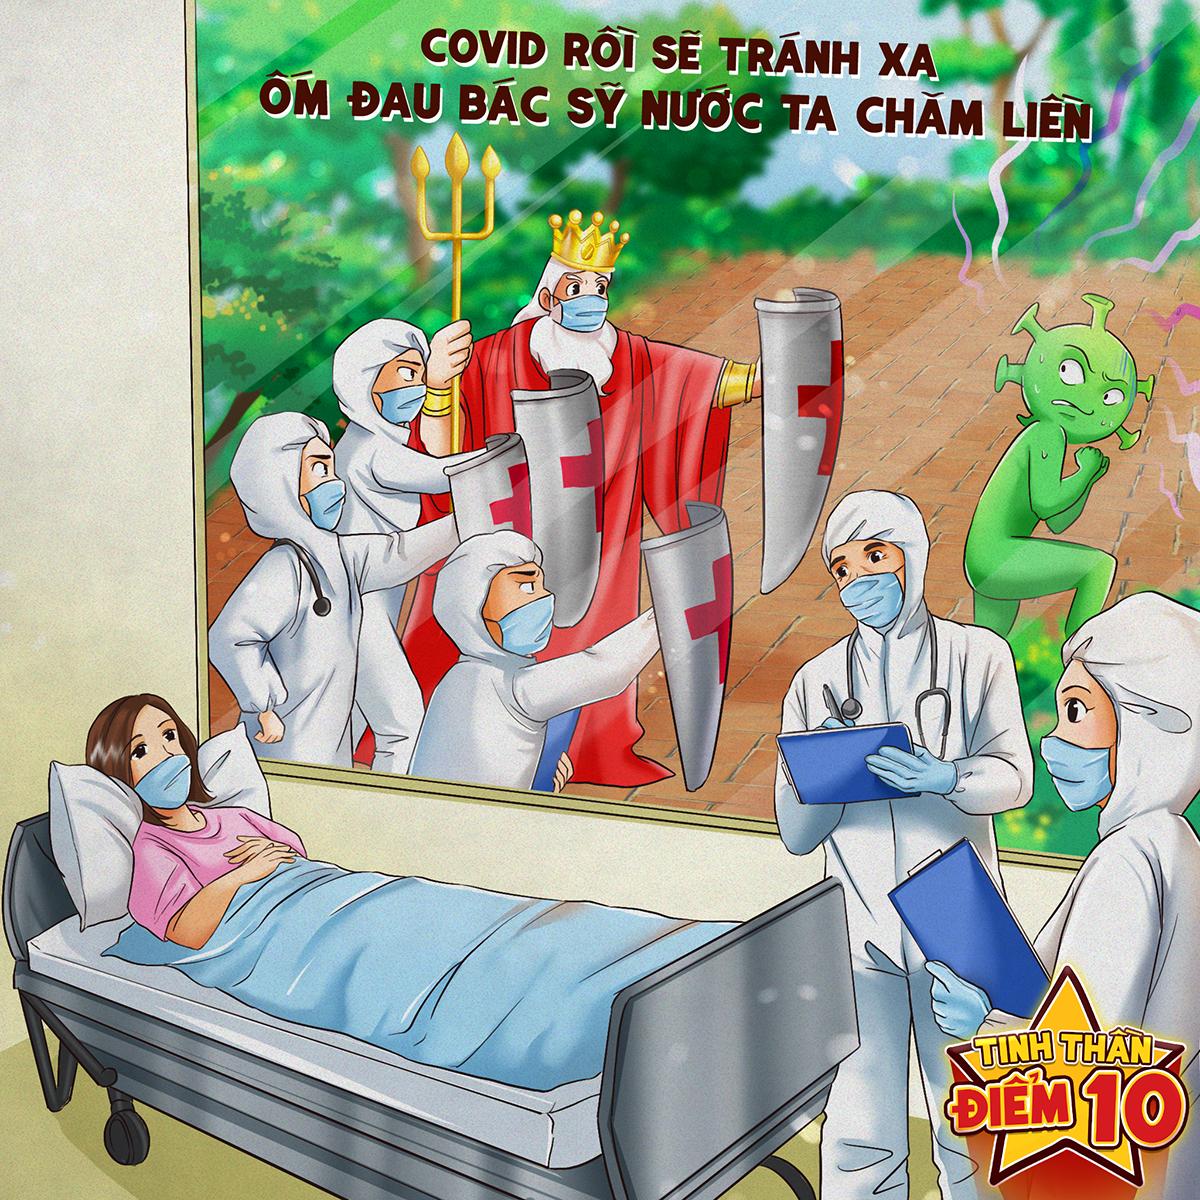 Khi ngành y tế gặp phải thách thức, các y bác sĩ và tình nguyện viên không ngần ngại nguy hiểm, xông pha tuyến đầu. Hàng trăm ca nhiễm nCoV đã được chữa khỏi và trở lại cuộc sống bình thường.